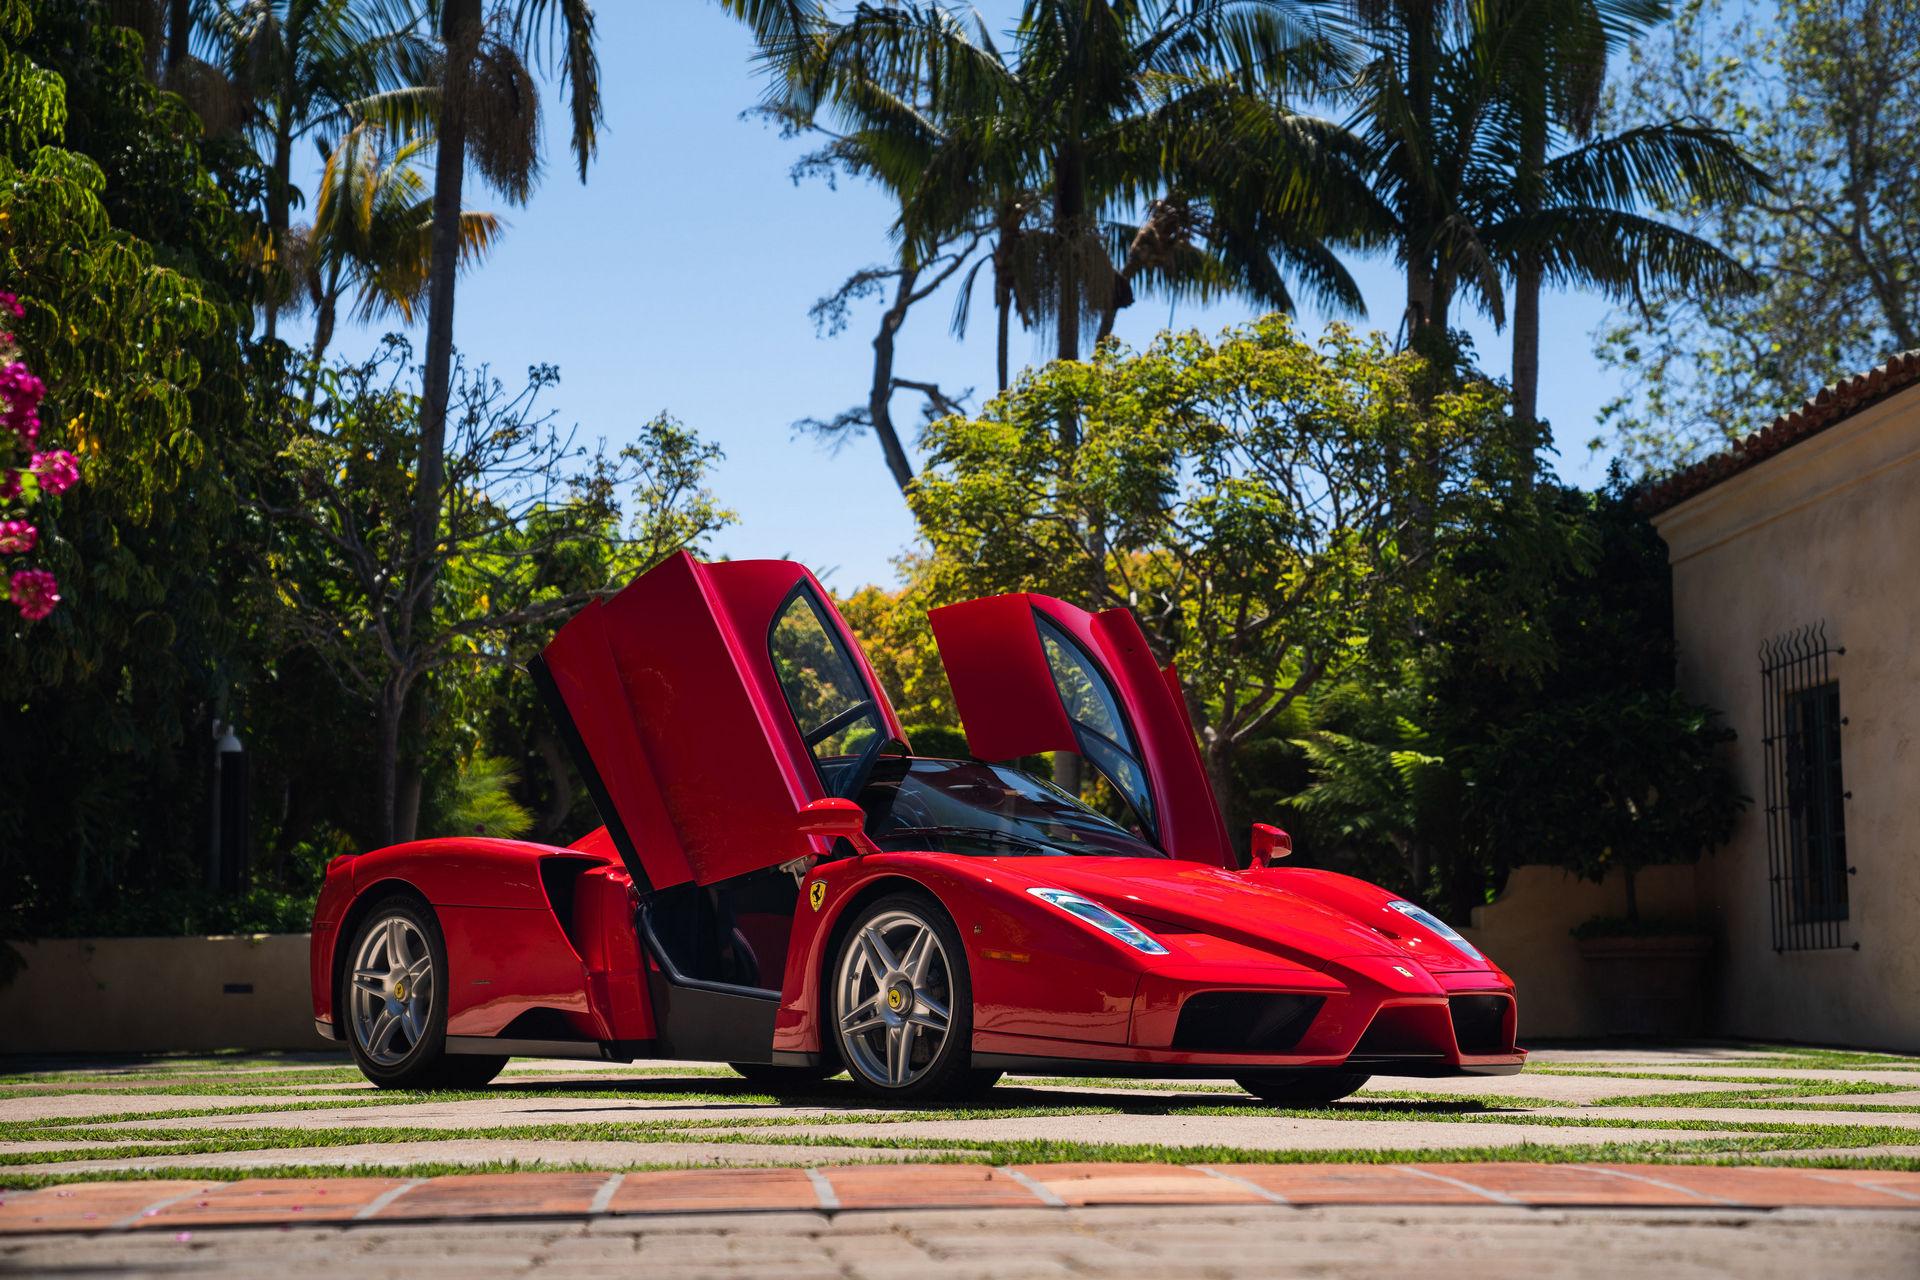 فيراري إنزو تصبح أغلى سيارة في التاريخ تباع في مزاد على الإنترنت – صور